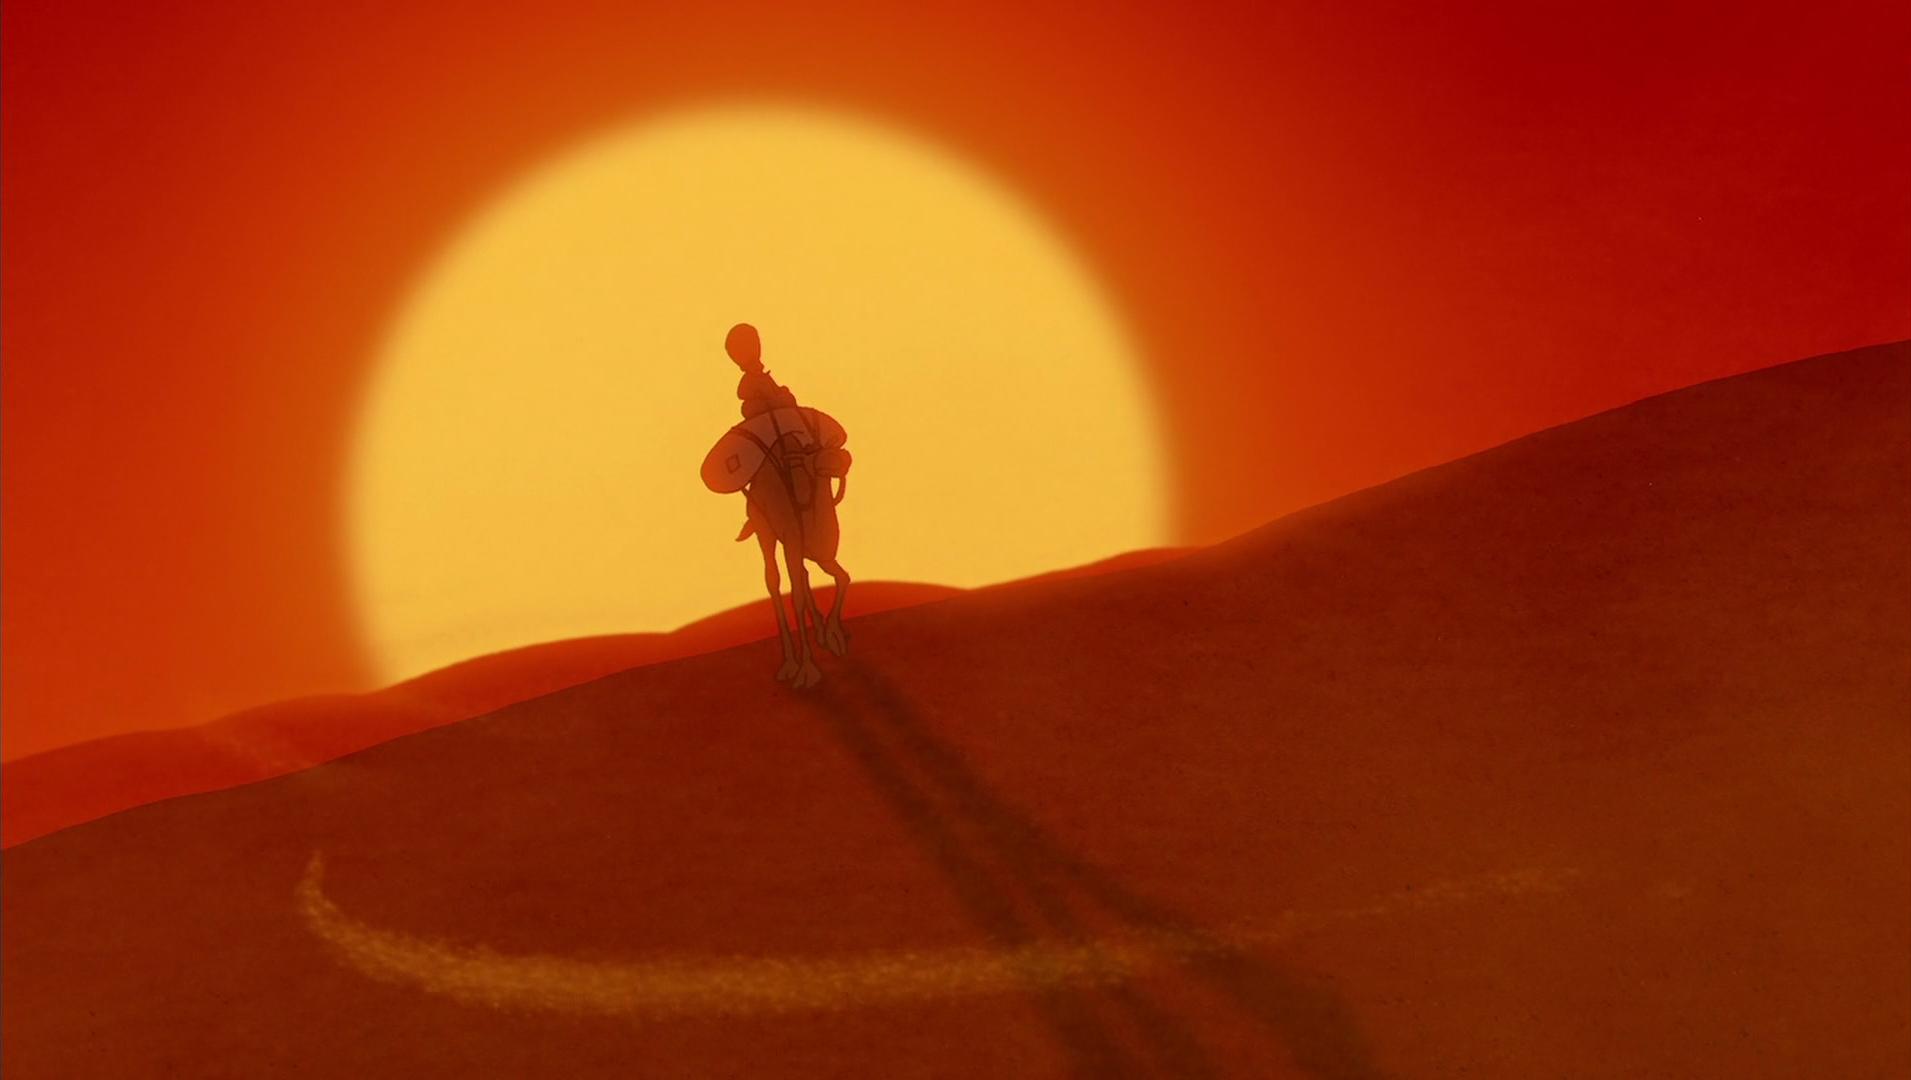 Lyrics of the desert song